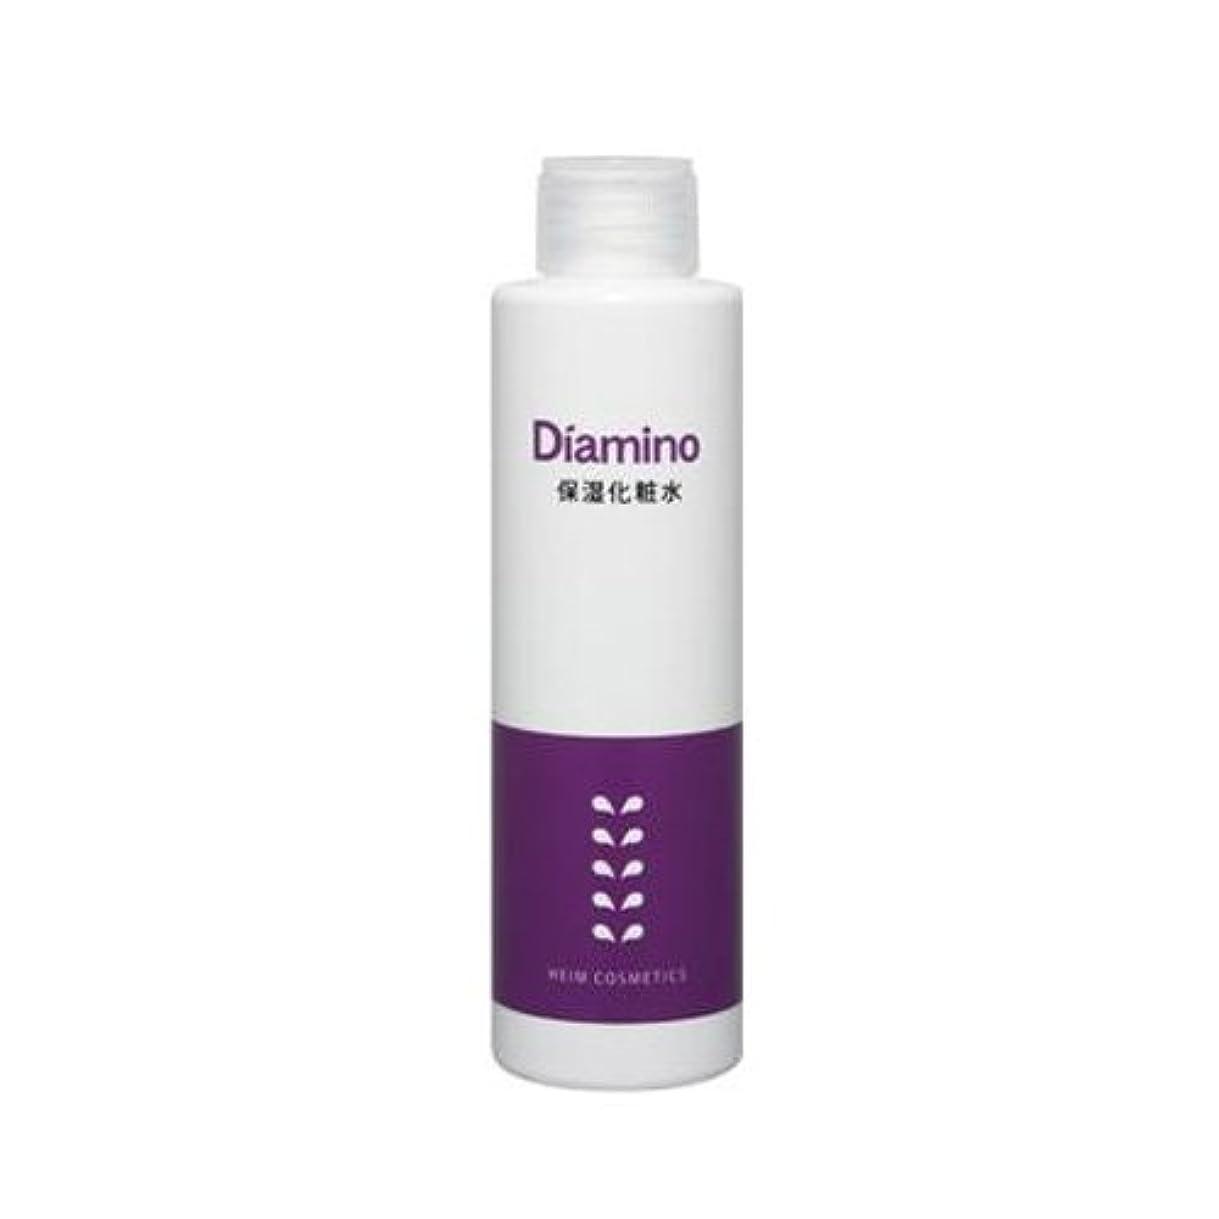 バッテリー役職イタリアのハイム ディアミノ 保湿化粧水 150ml